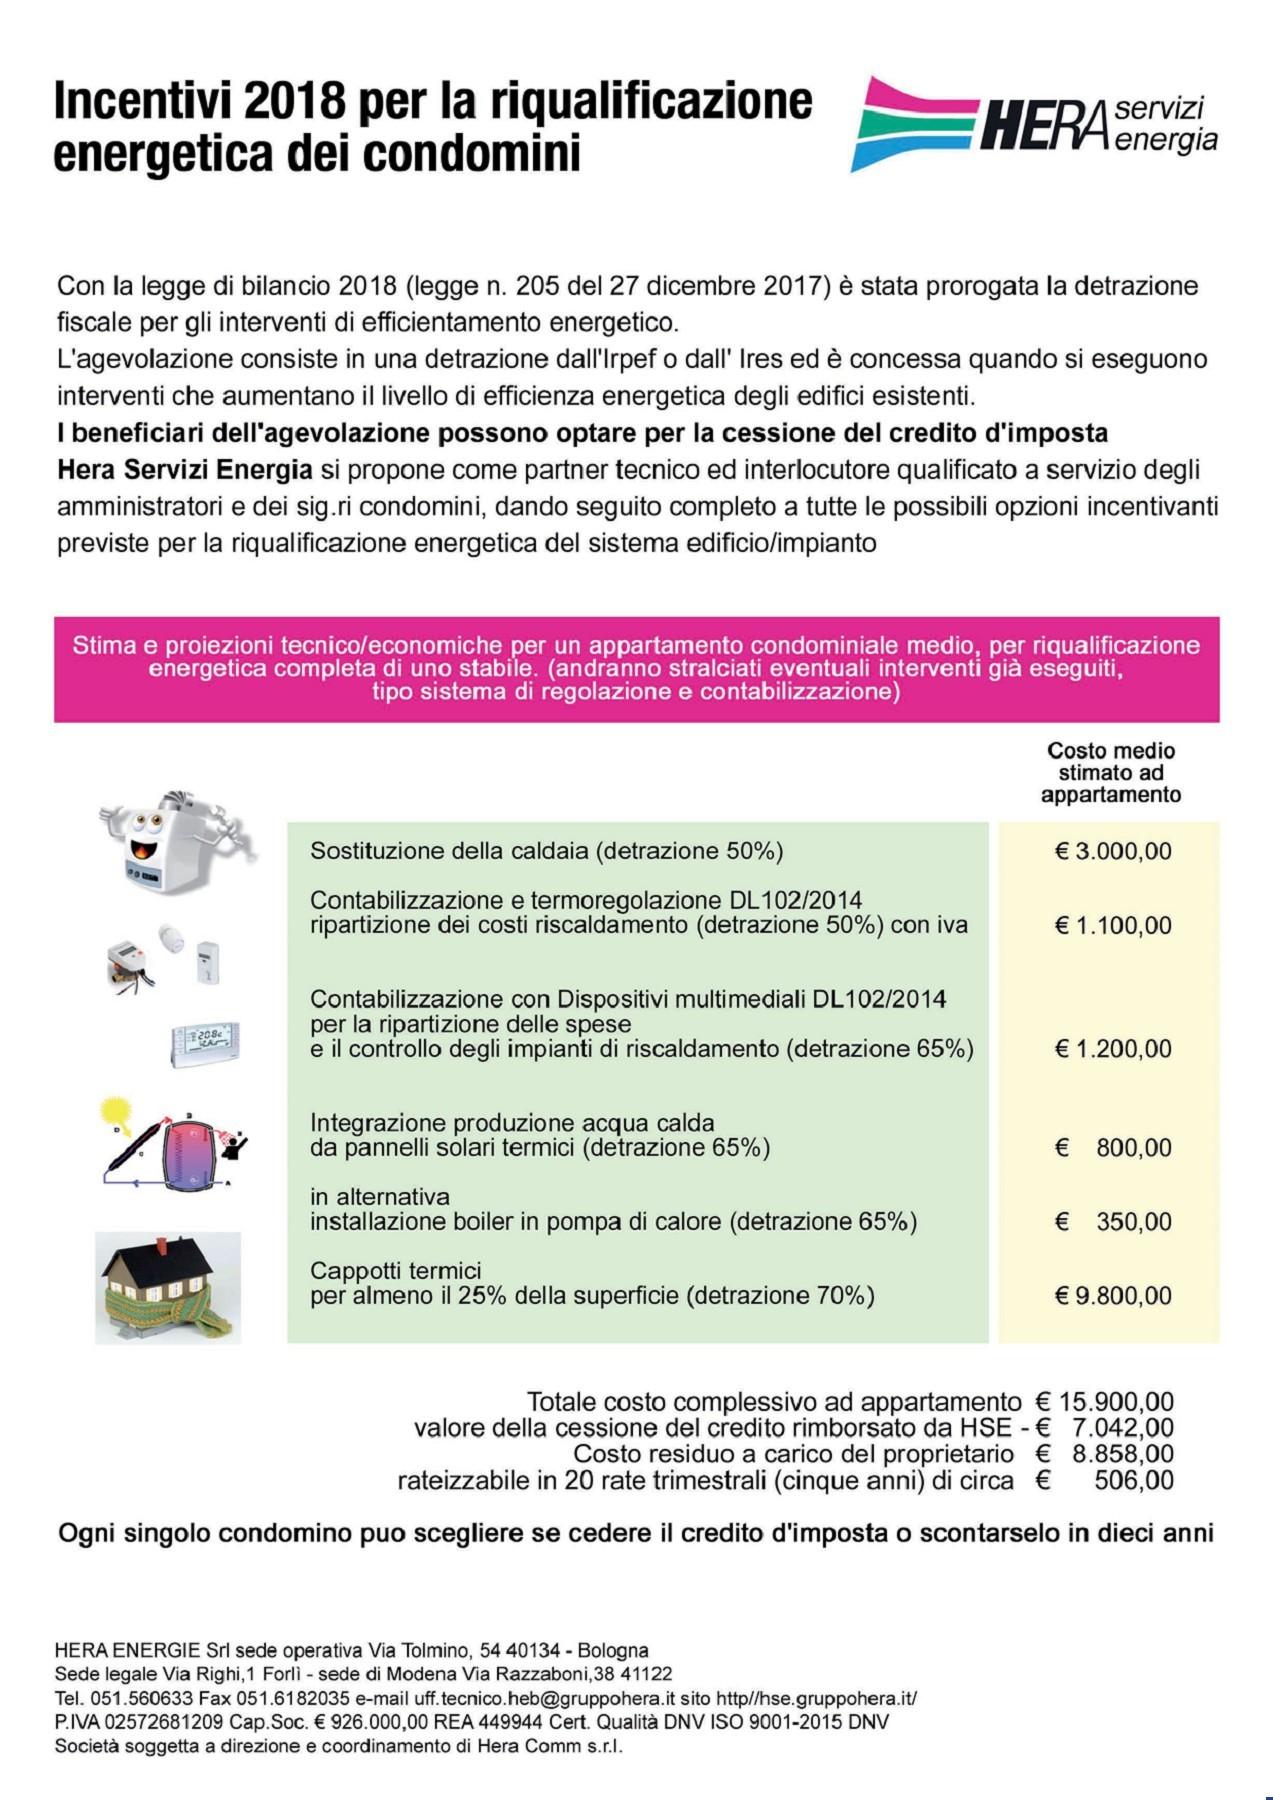 Comunicazione Asl Detrazione 50 Modulo abitare informati giugno 2018-flip book pages 1-50 | pubhtml5